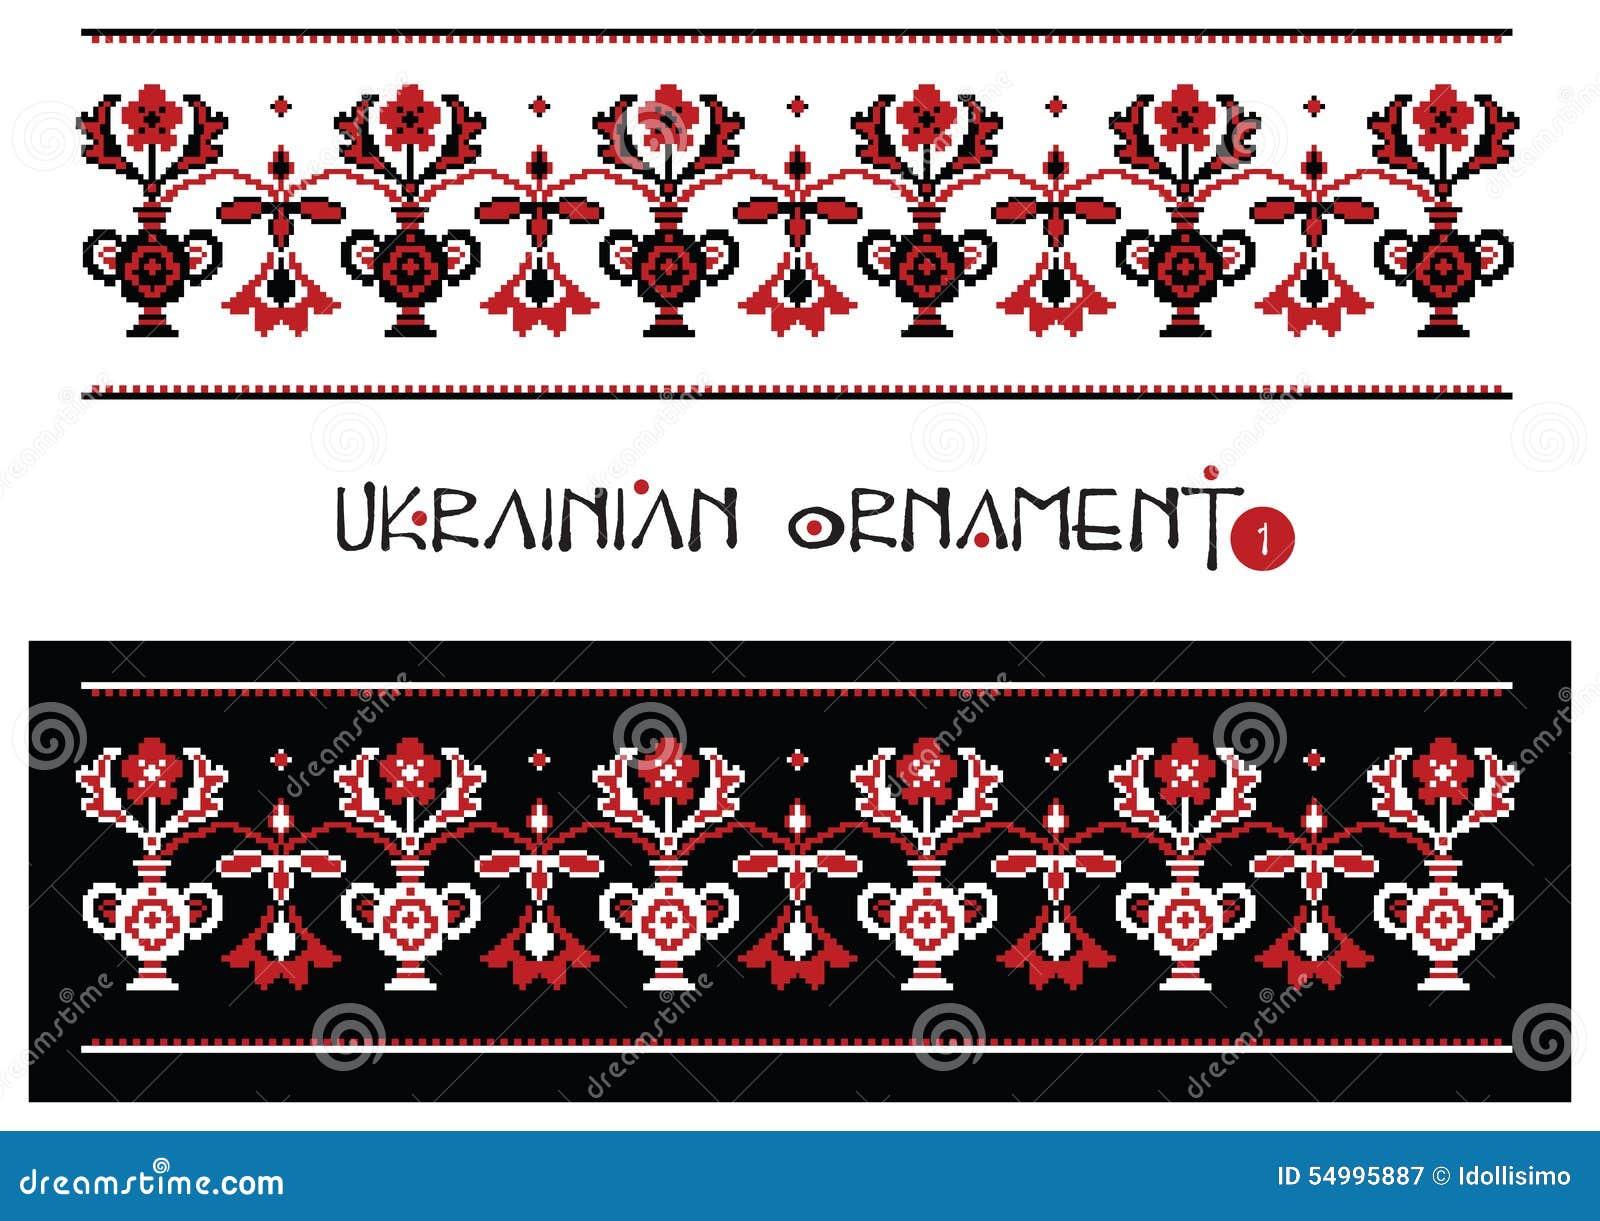 Ukrainian Ornaments, Part 1